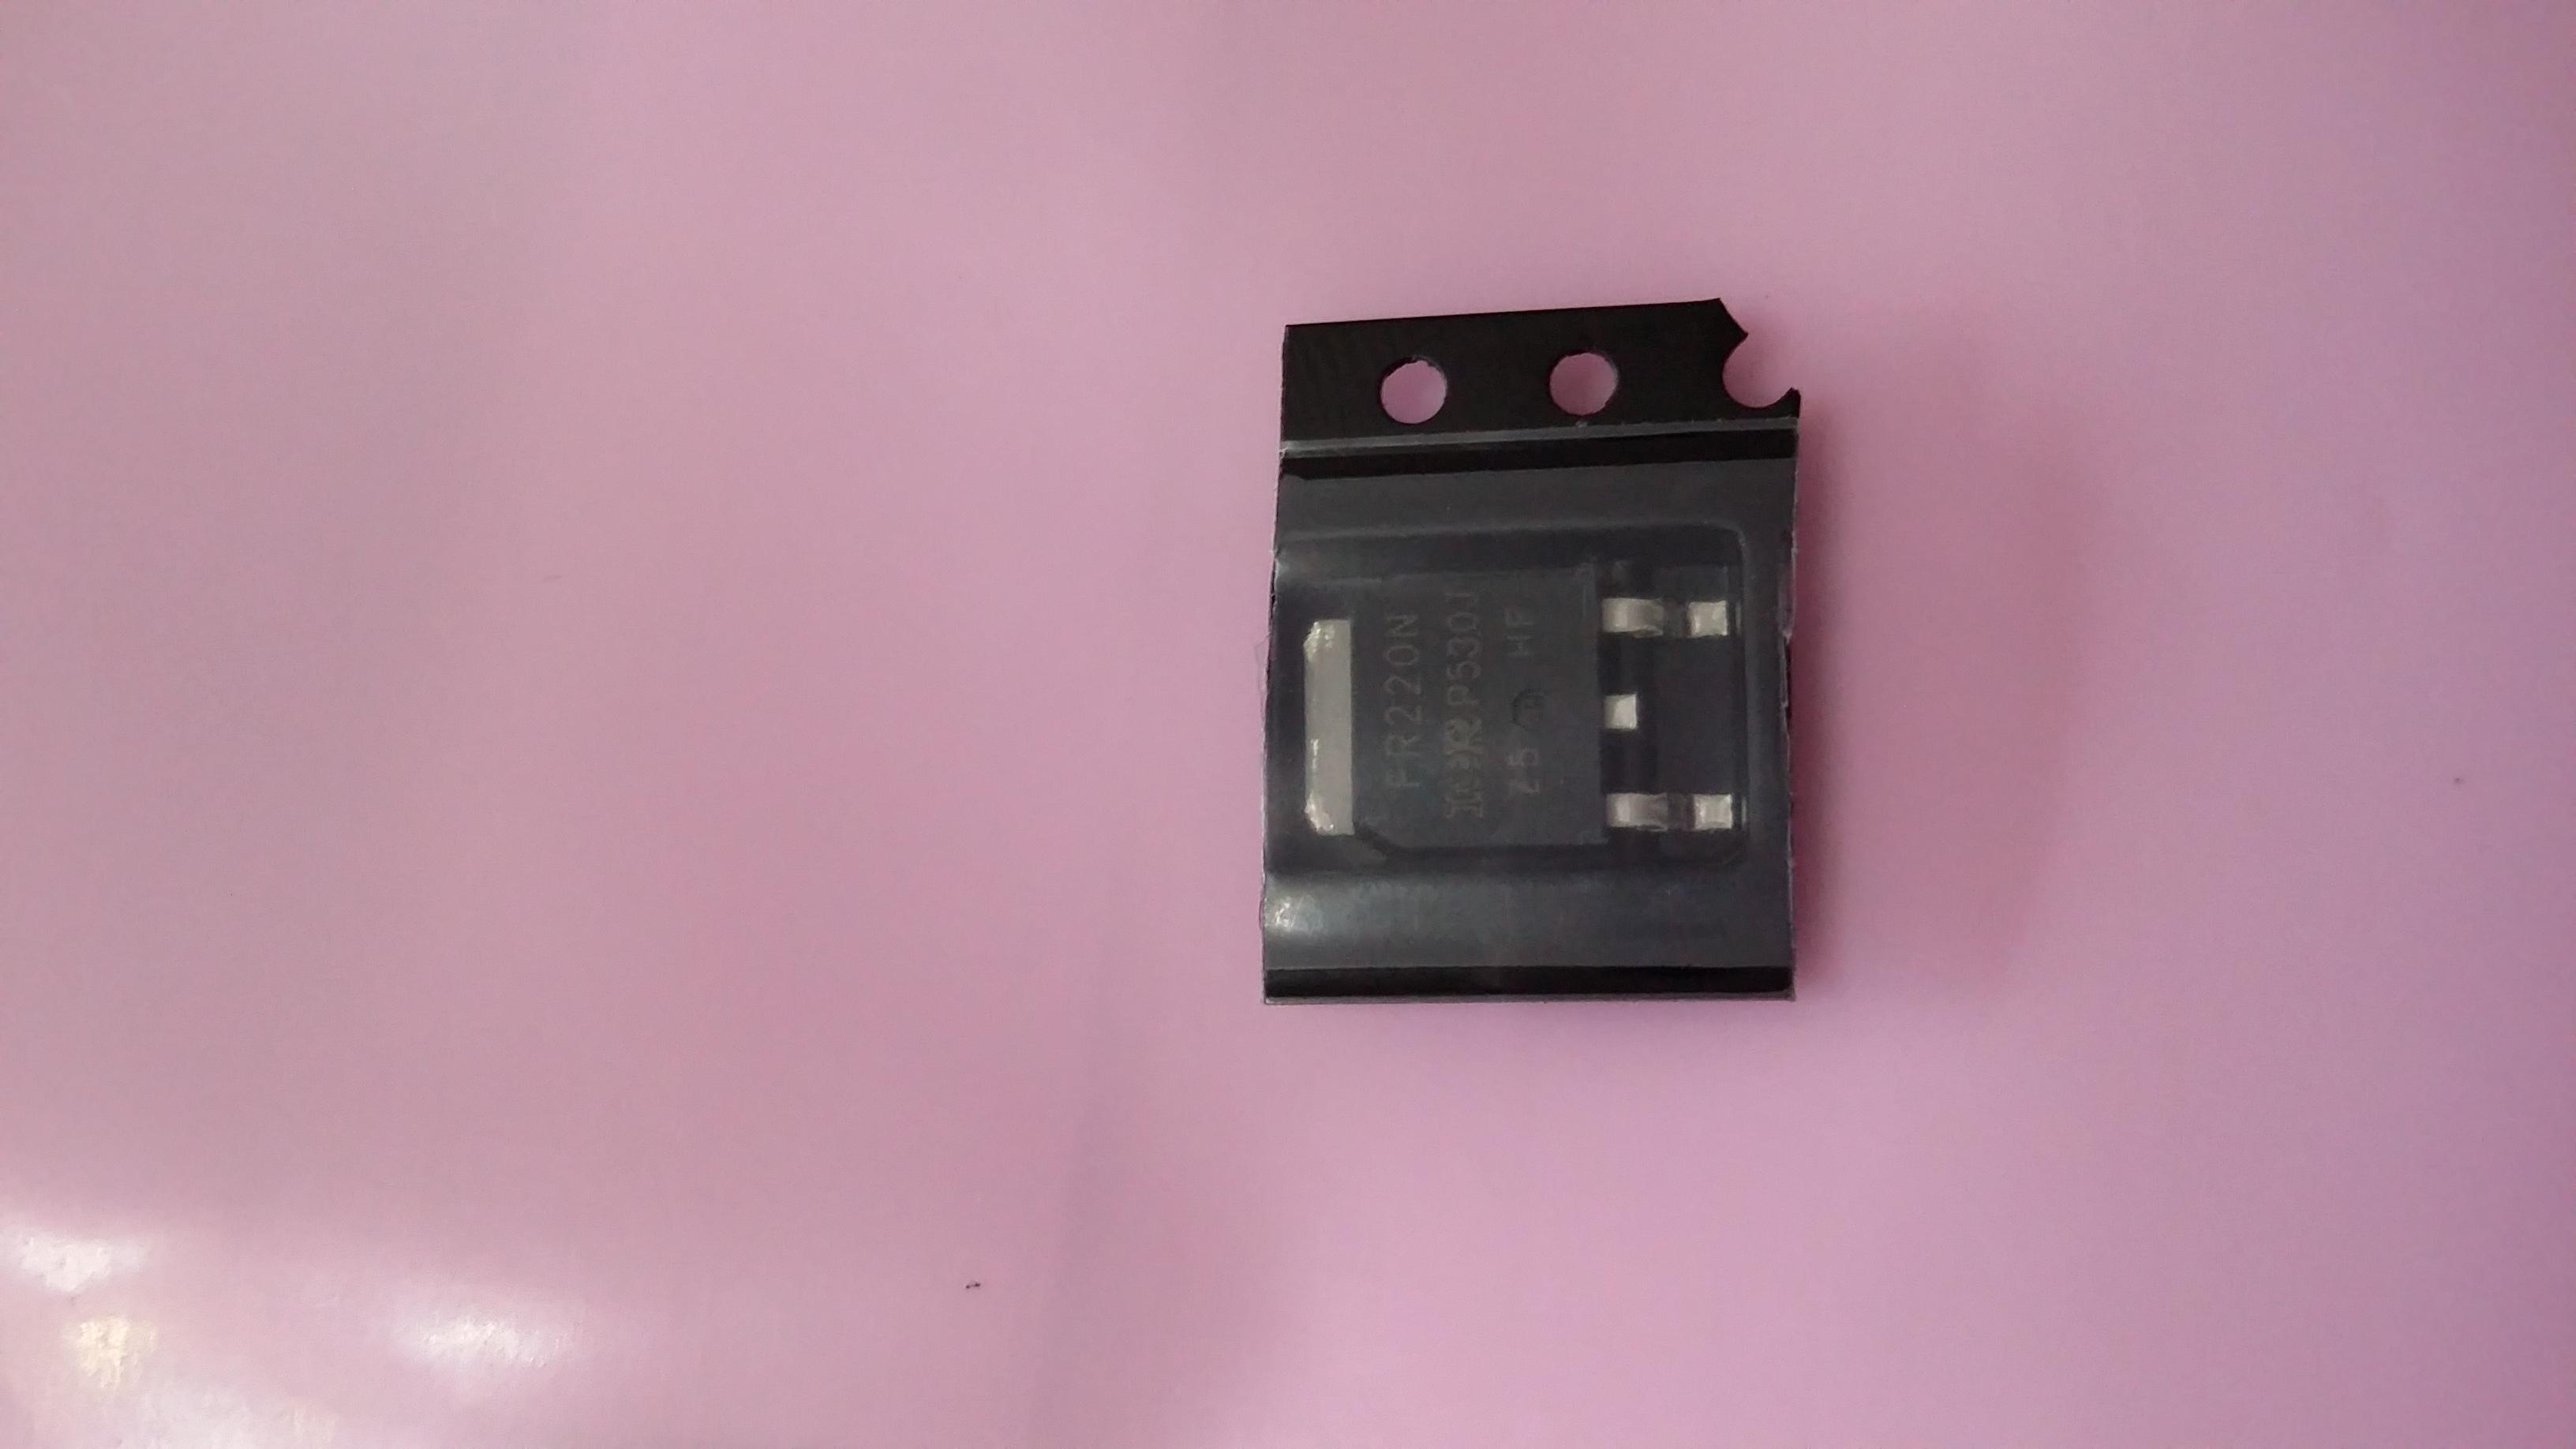 供应用于开关电源的irfr220ntrpbf场效应管,n沟道ir贴片mos,irfr220n